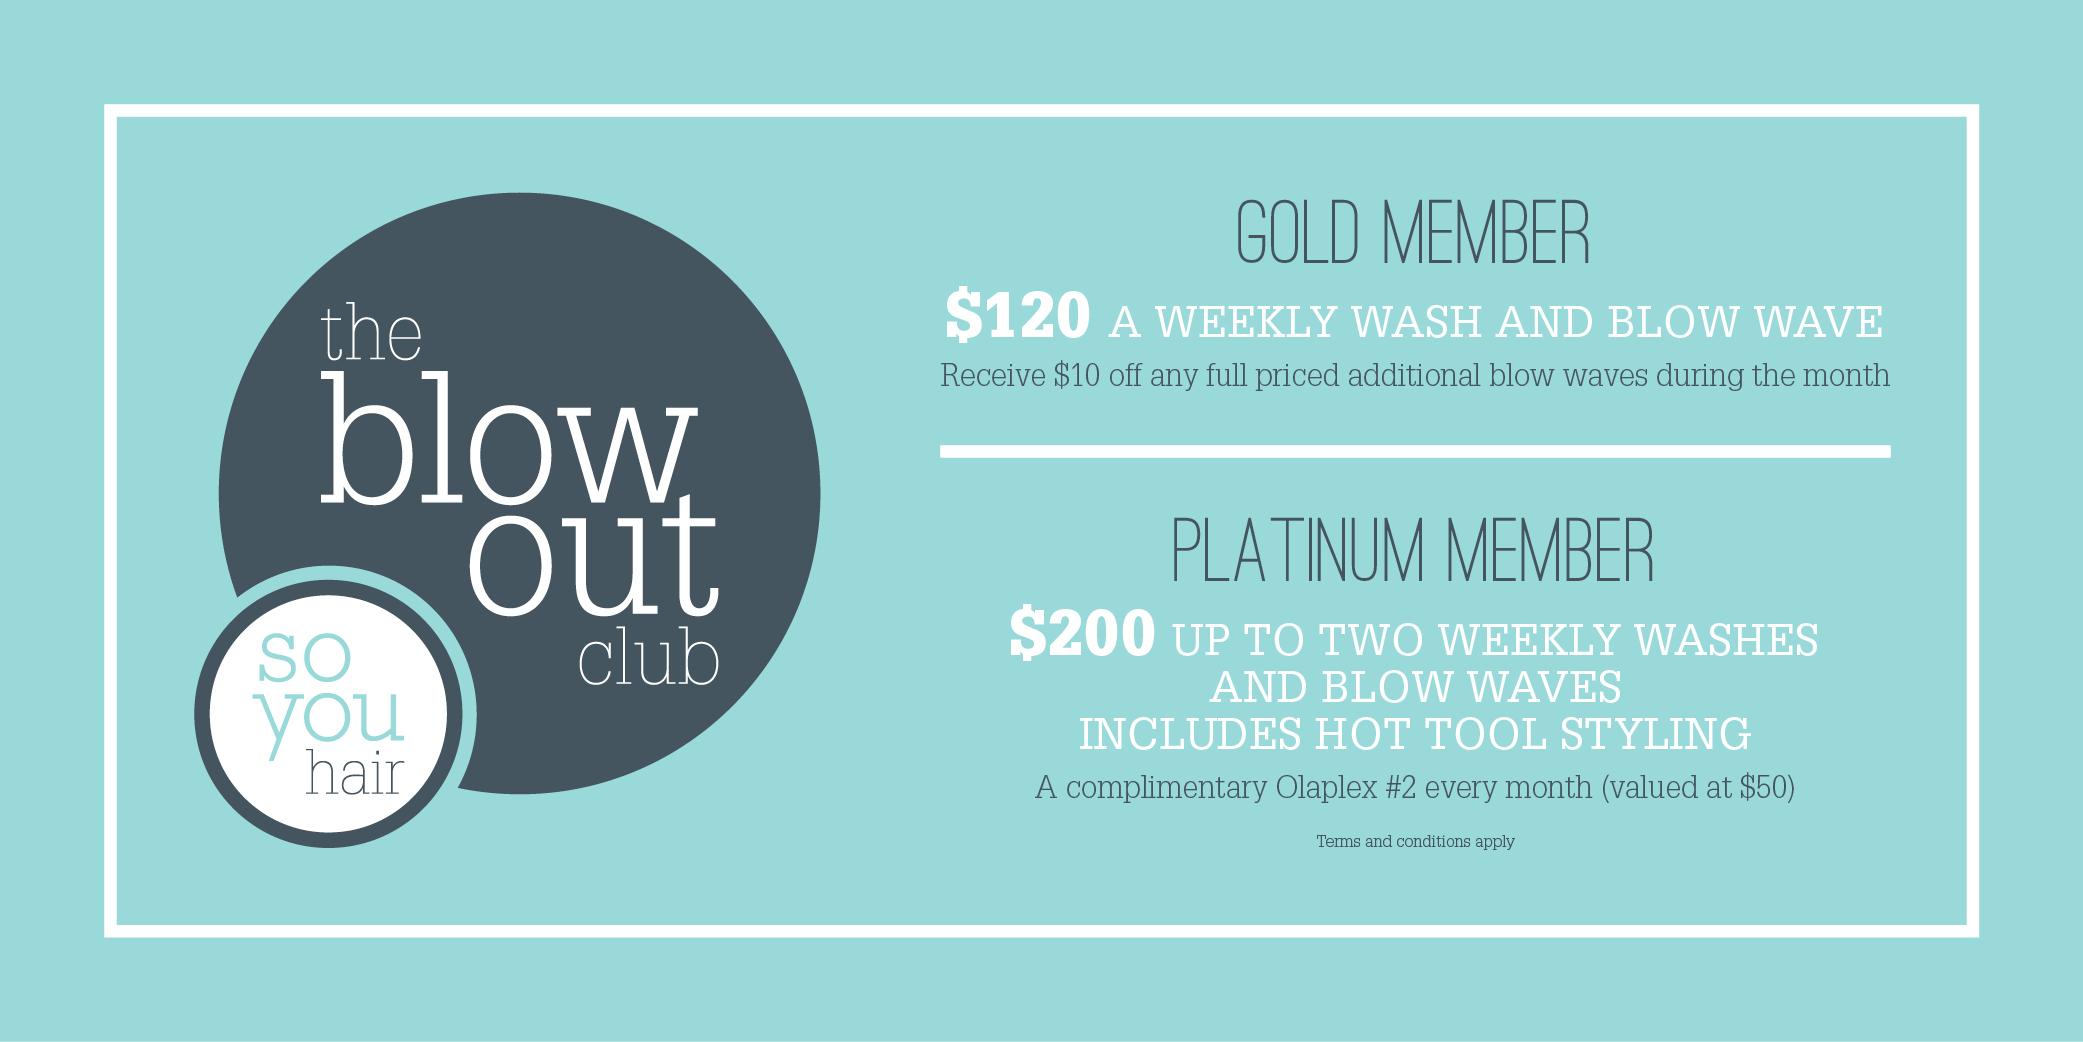 12122 Blowout Club Web Banner FINAL.jpg